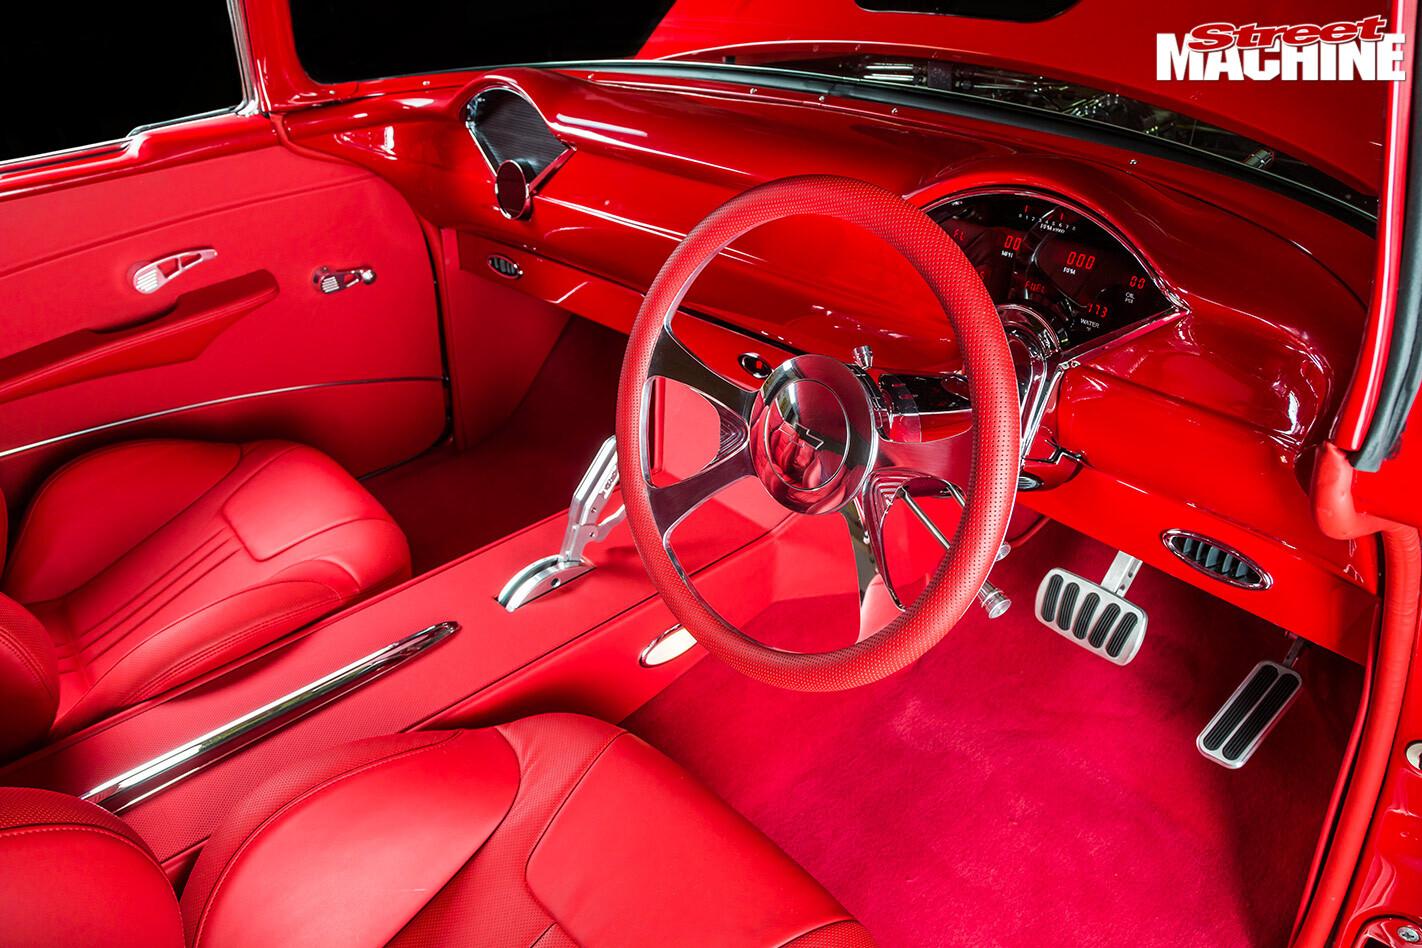 1957 chev interior